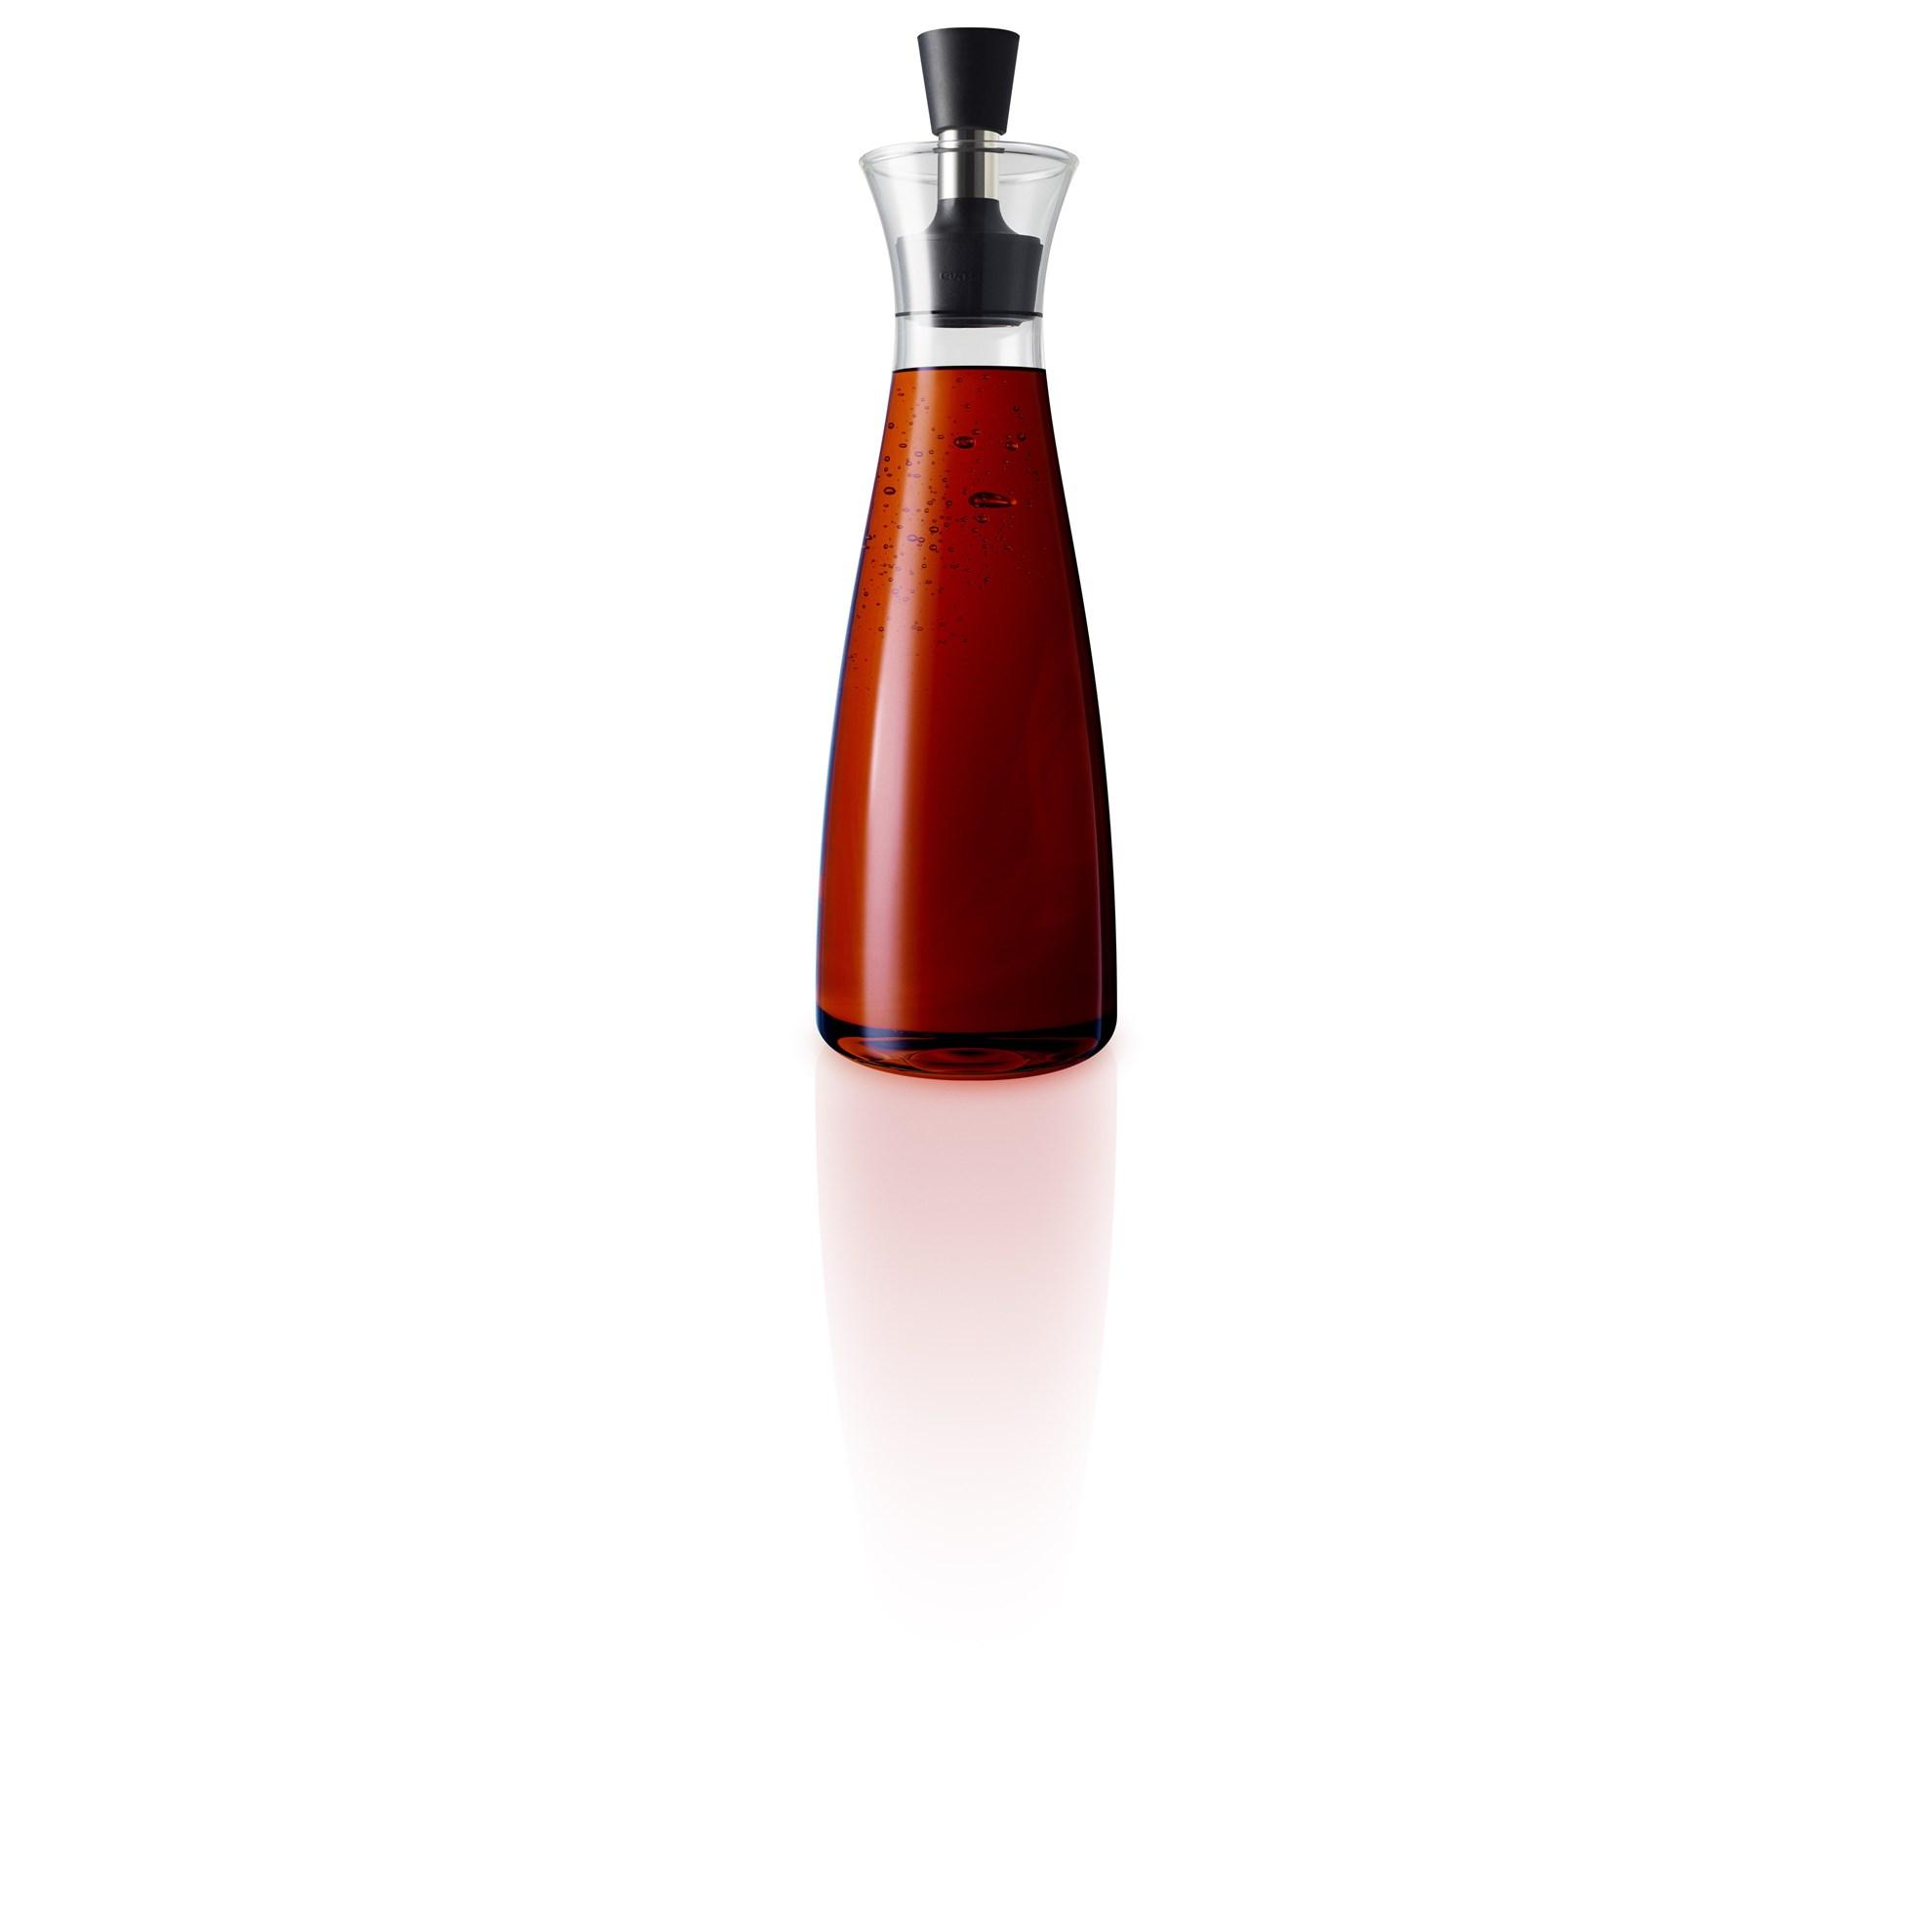 Karafa na olej nebo ocet 0,5 l_4